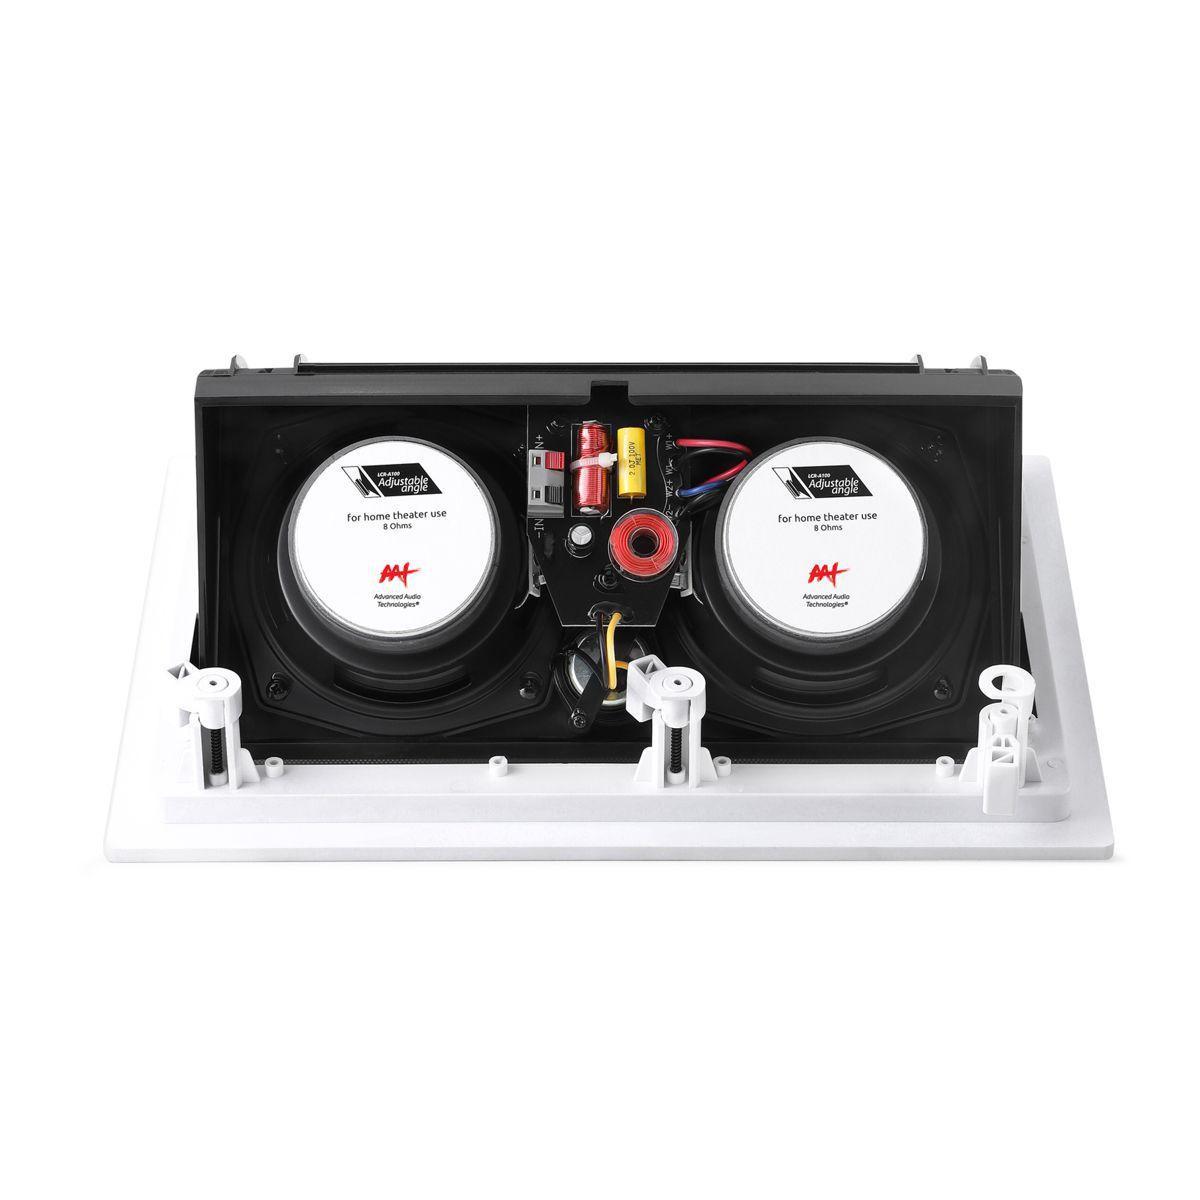 Kit 5.0.2 Dolby Atmos Caixa Acústica de Embutir LCR-A100 + LR-E100 + NQ6-M100 AAT